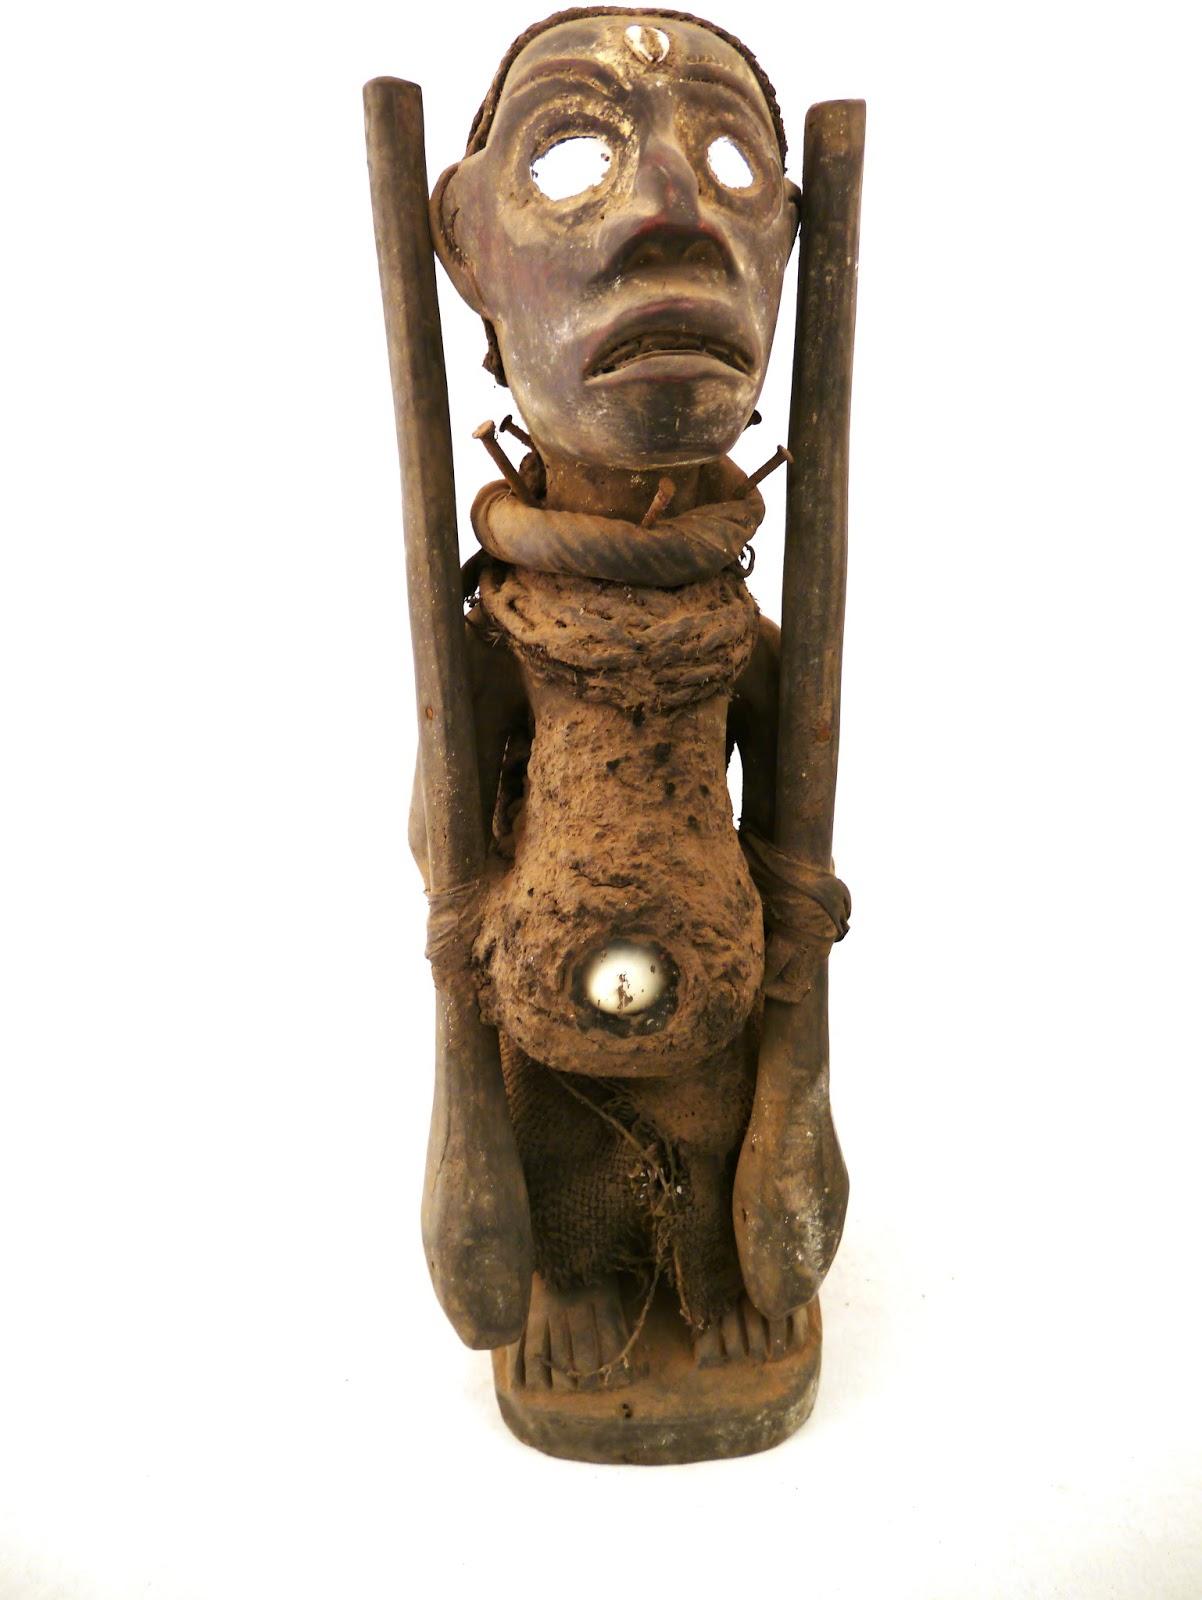 afrikanische kunst fetisch nagelfetisch kaufen bei lehmex import export. Black Bedroom Furniture Sets. Home Design Ideas